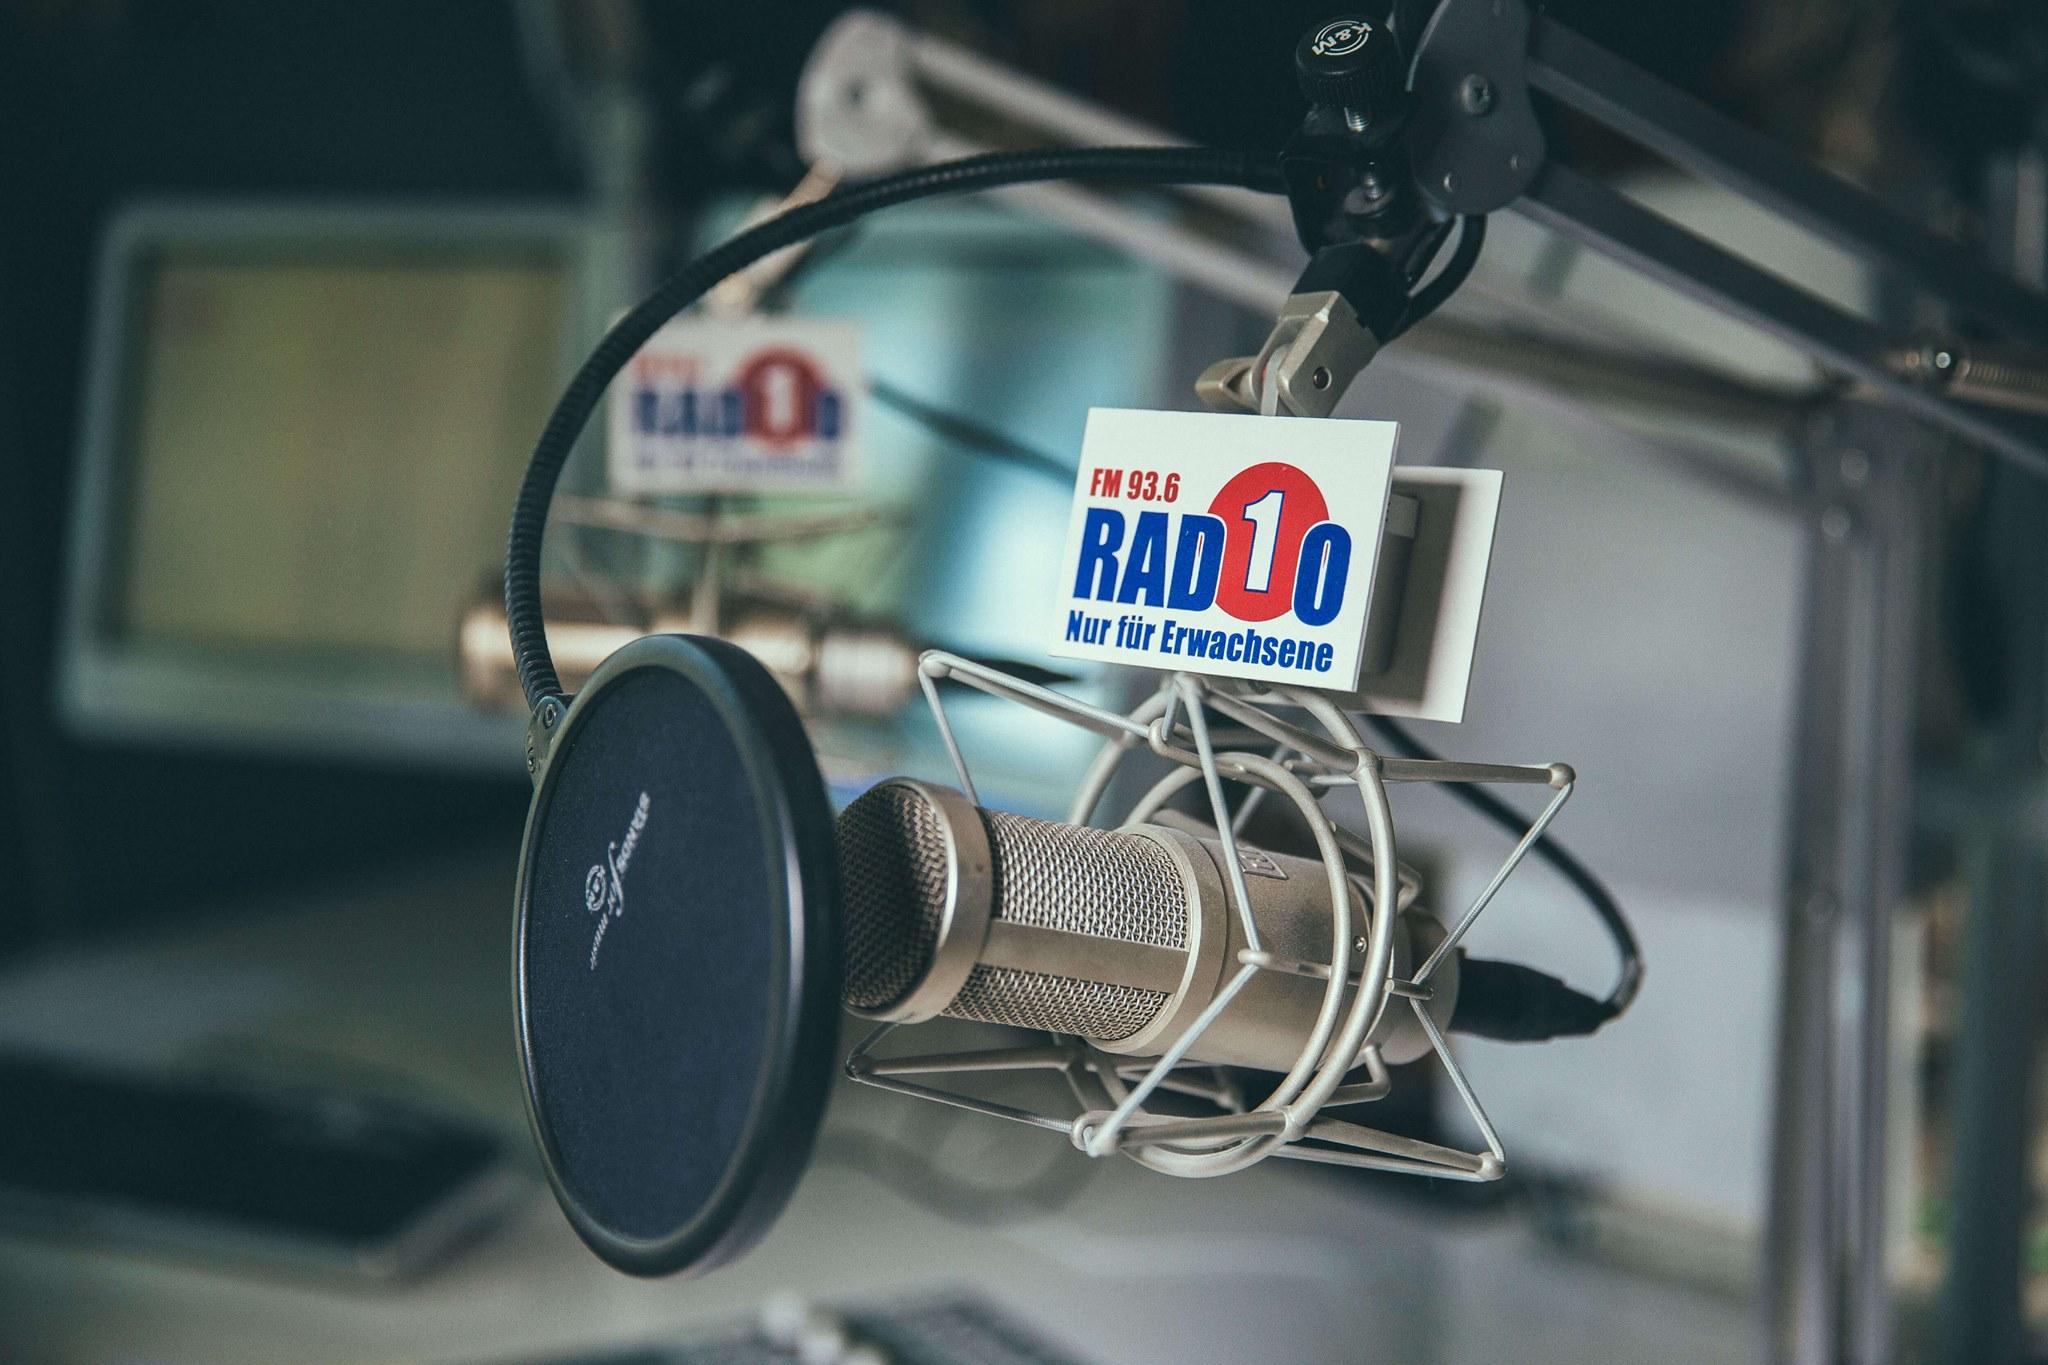 Die Wissenschaftskolumne «Der Faktist» wird jeden Dienstag um 17:45 Uhr bei Radio 1 ausgestrahlt und dauert rund zweieinhalb Minuten.